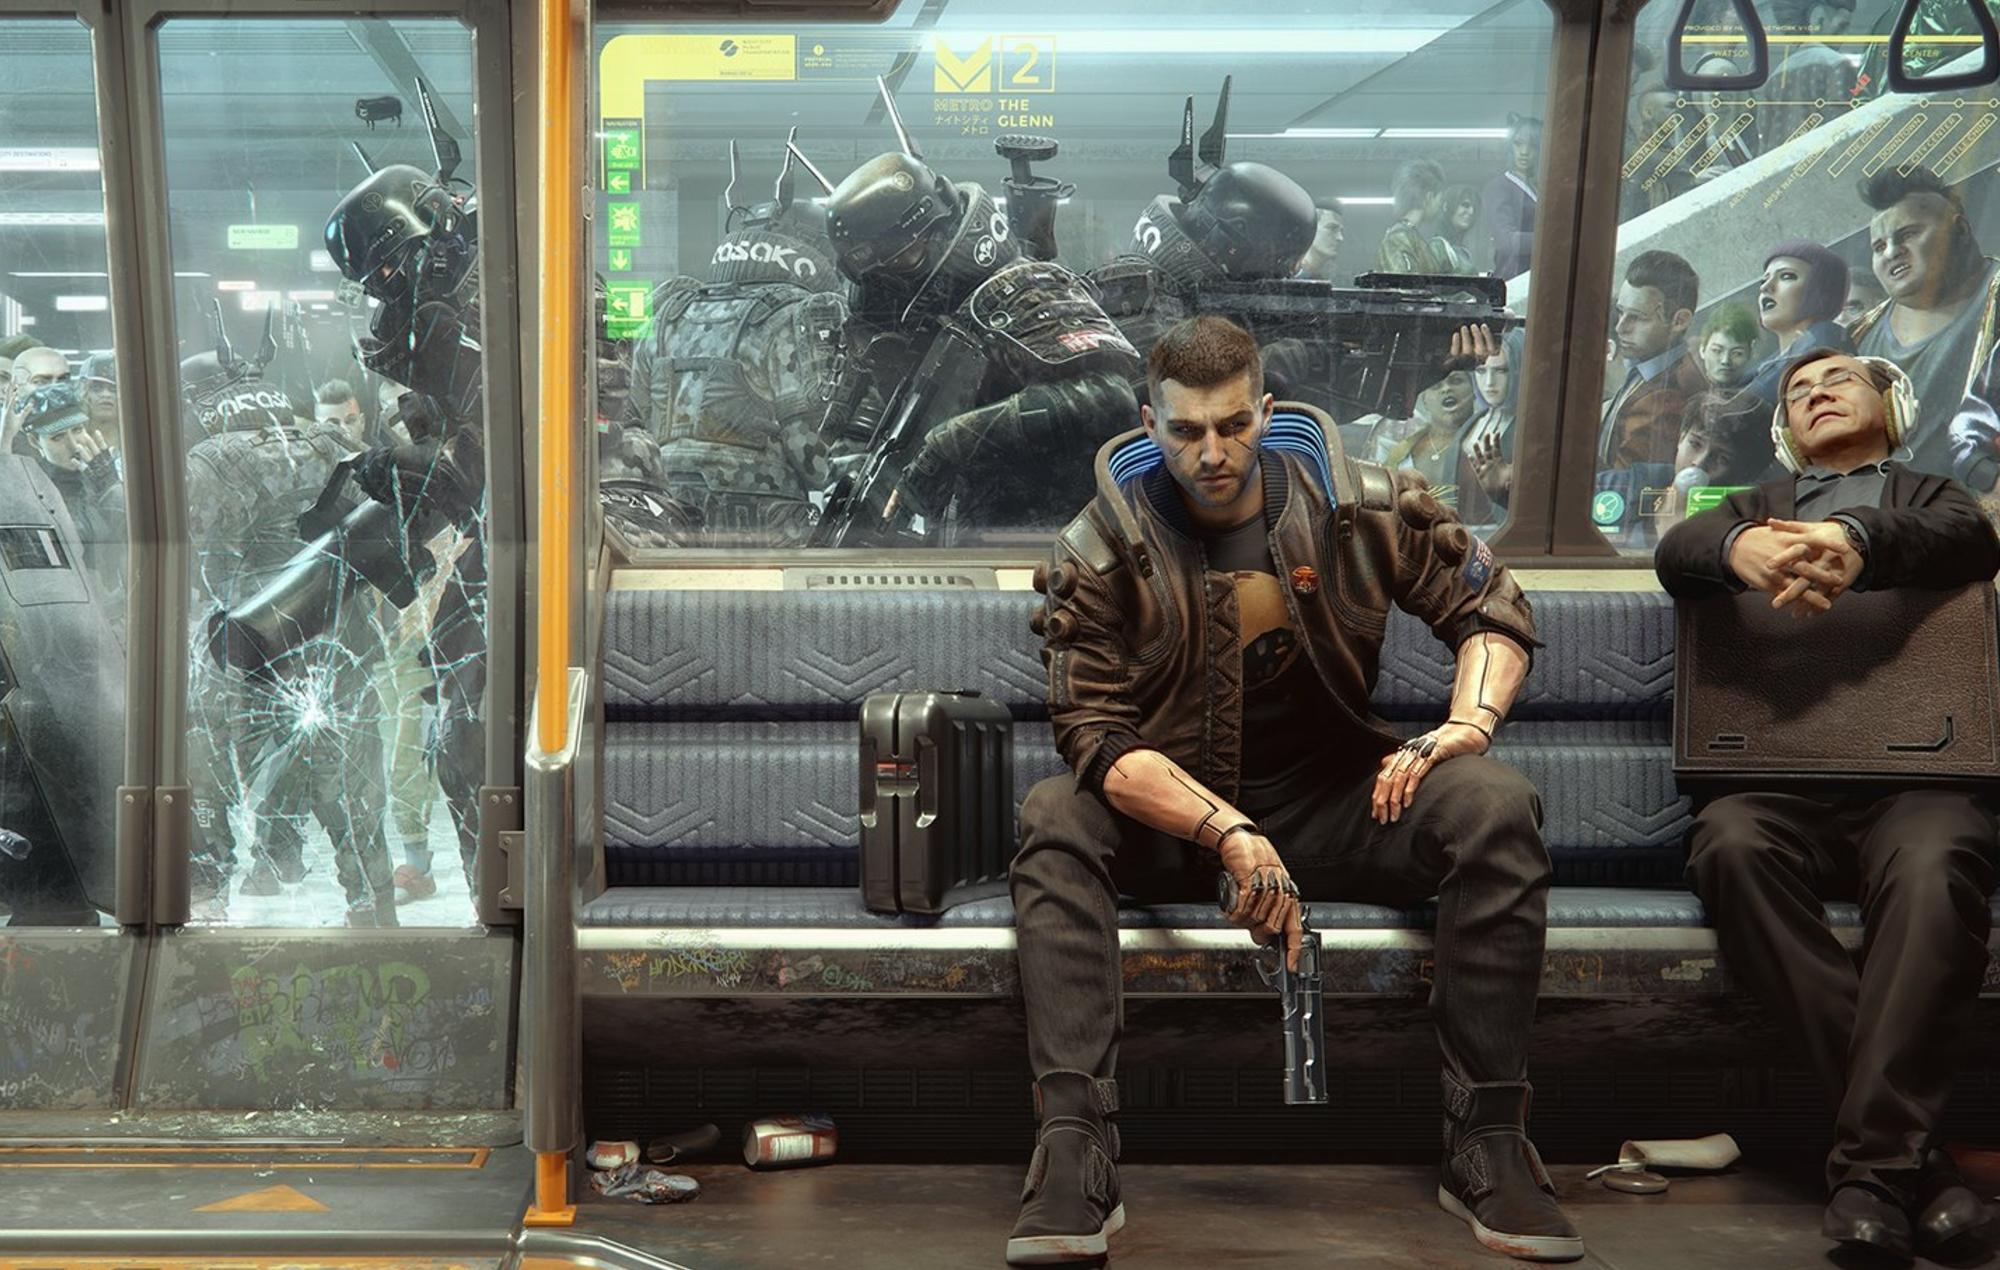 Разработчикам Cyberpunk 2077 угрожают расправой из-за переноса игры 1